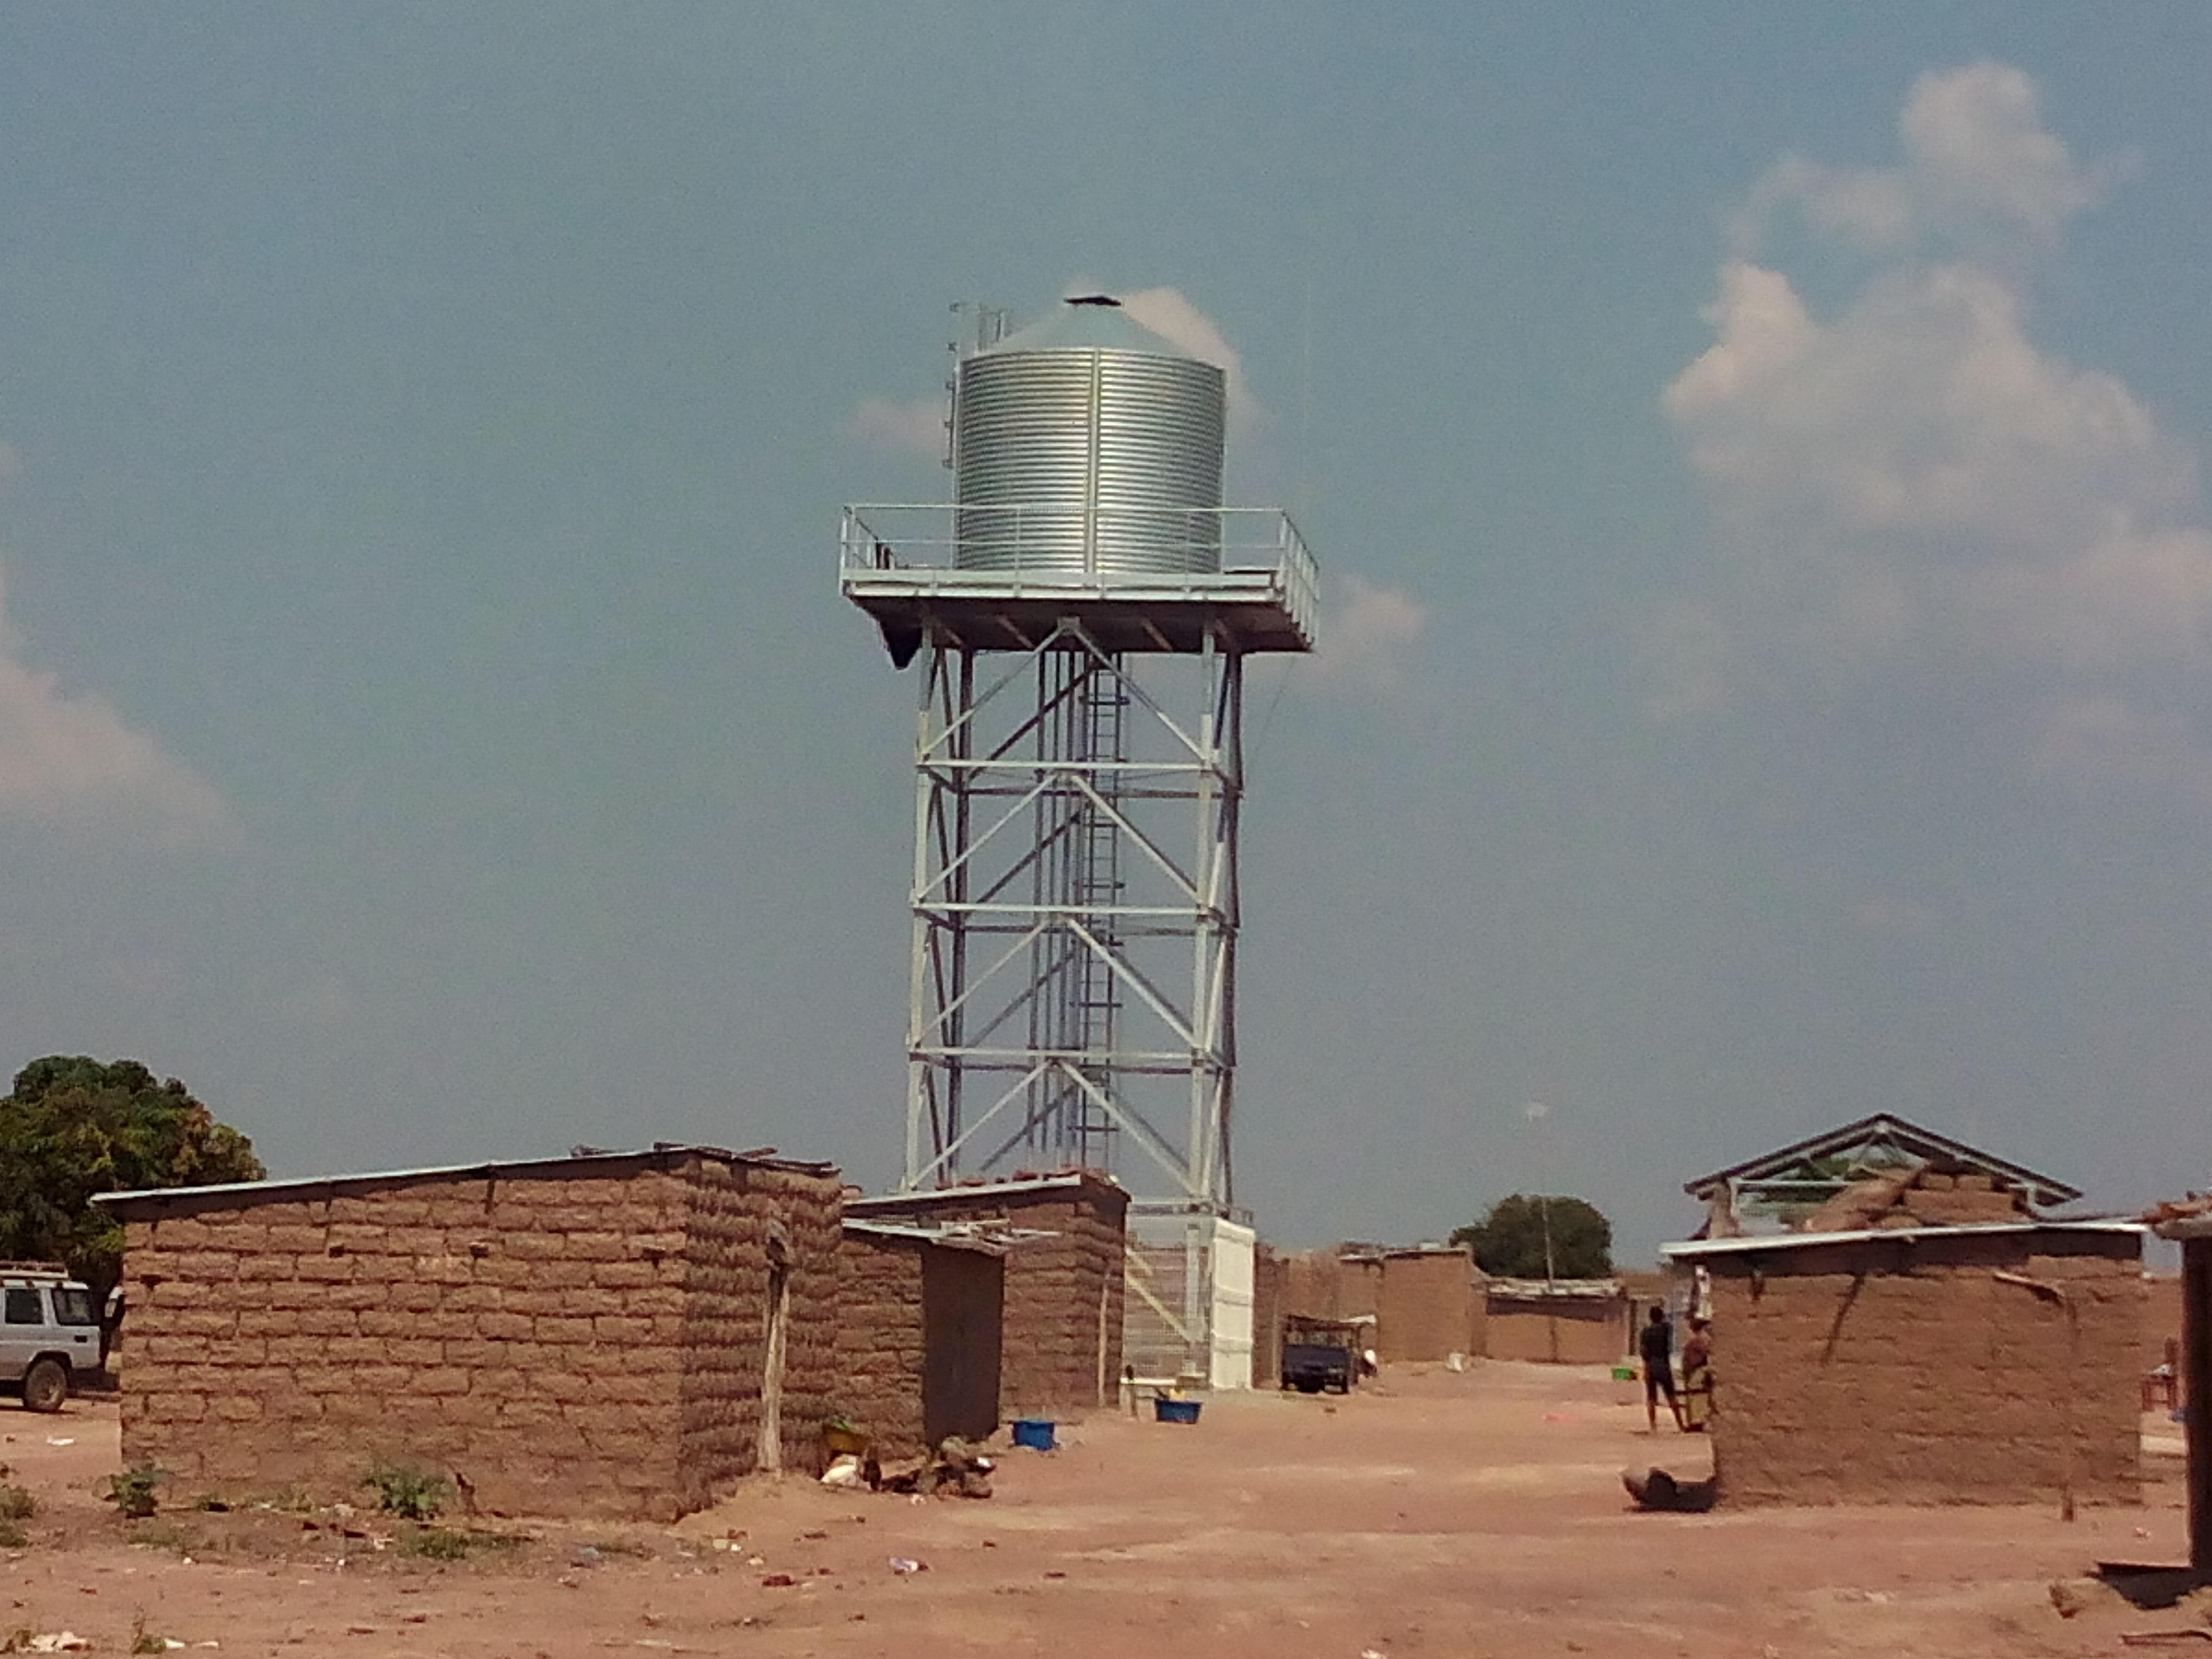 Deposito elevado en poblado de Africa